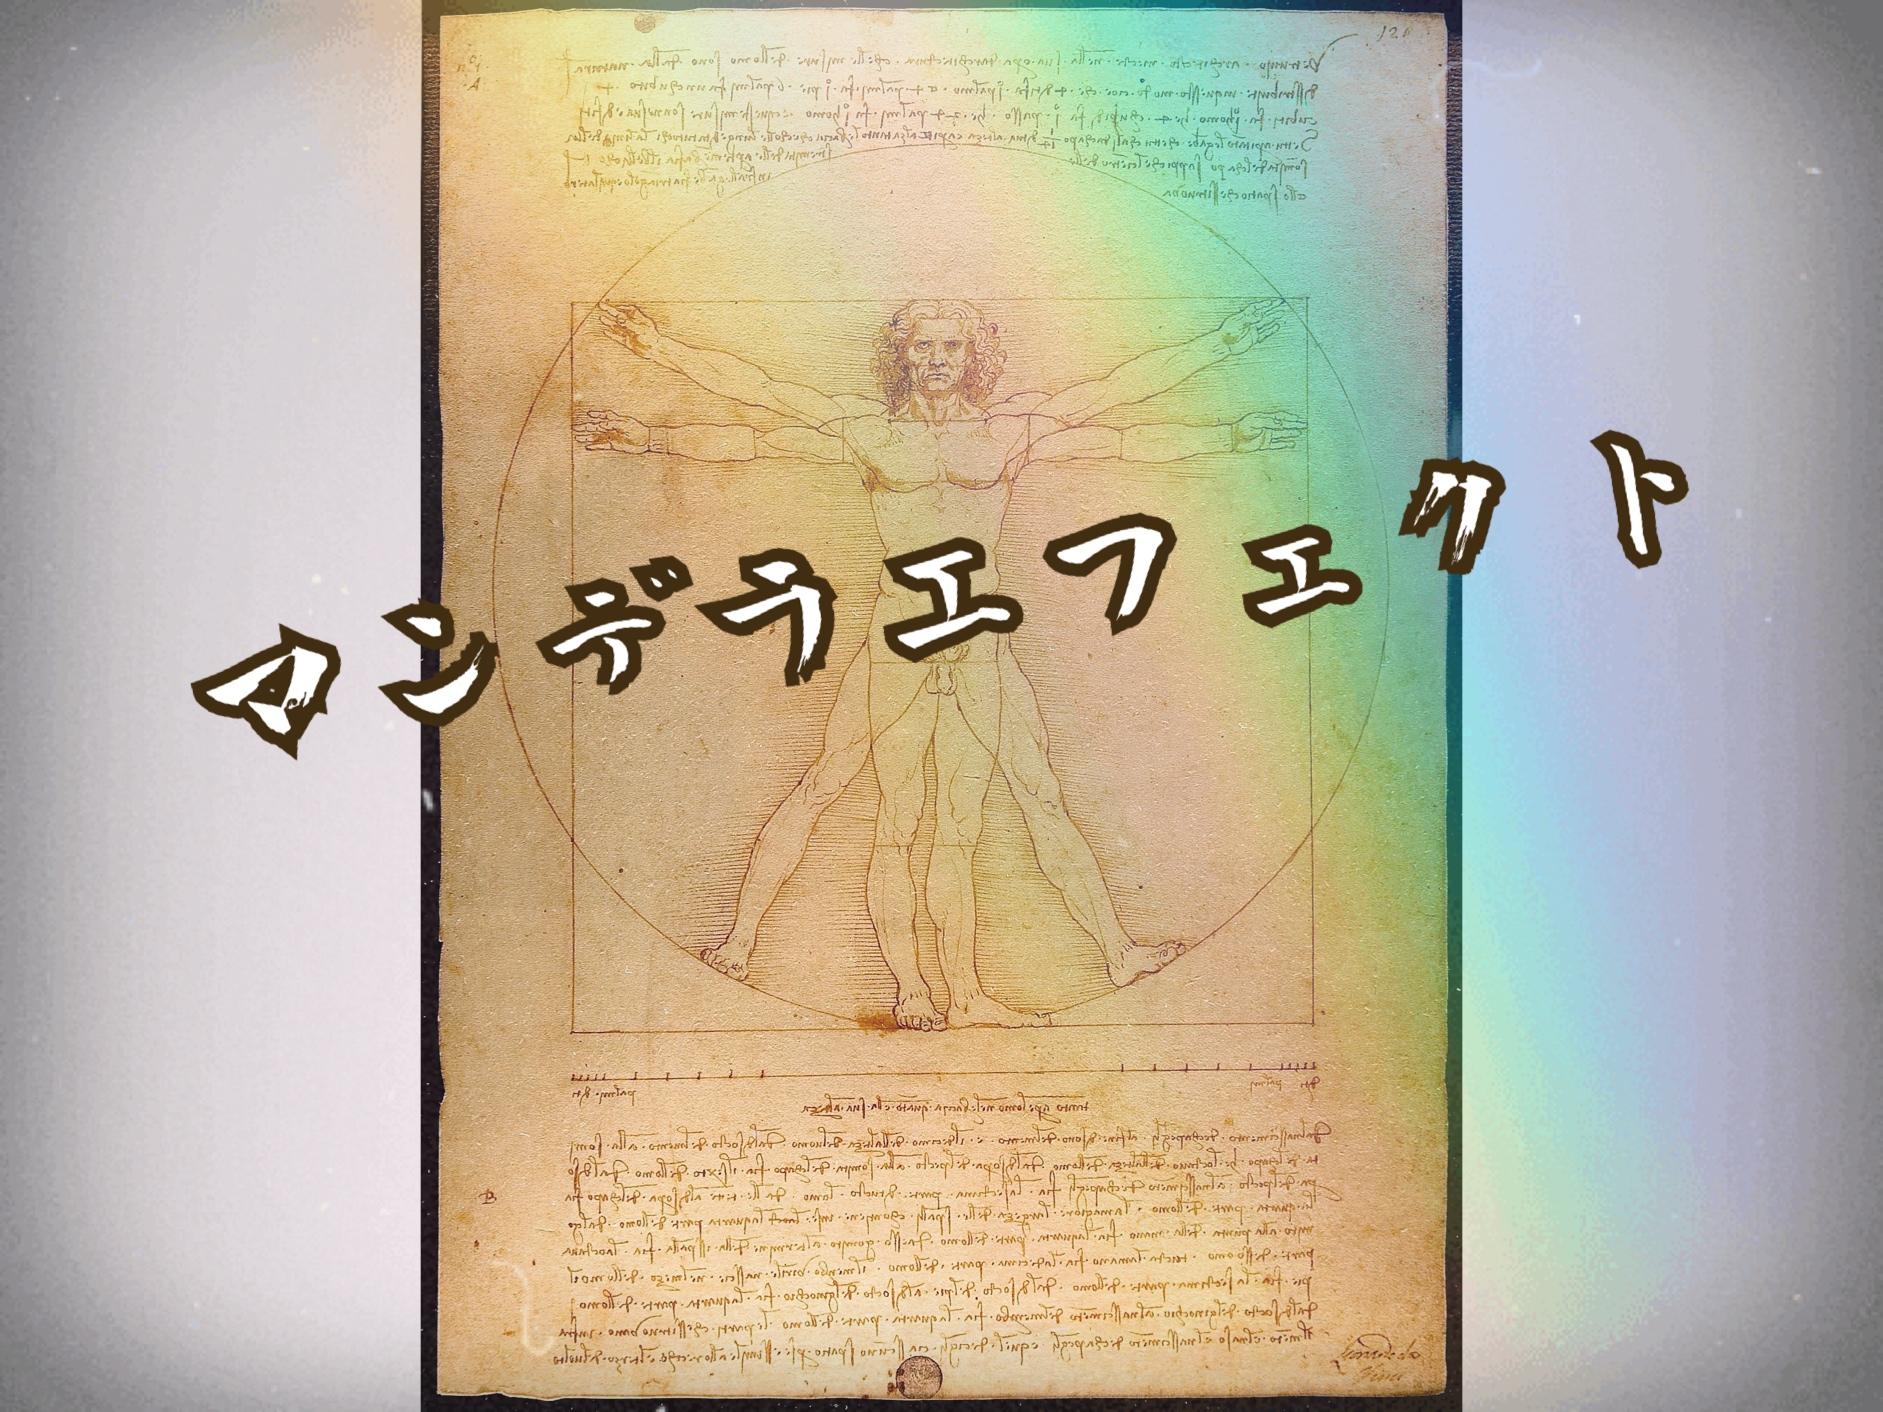 マンデラエフェクト(1)君も違和感?世界地図や人体図などが昔と今で違うよね?【Kuのオカルト】